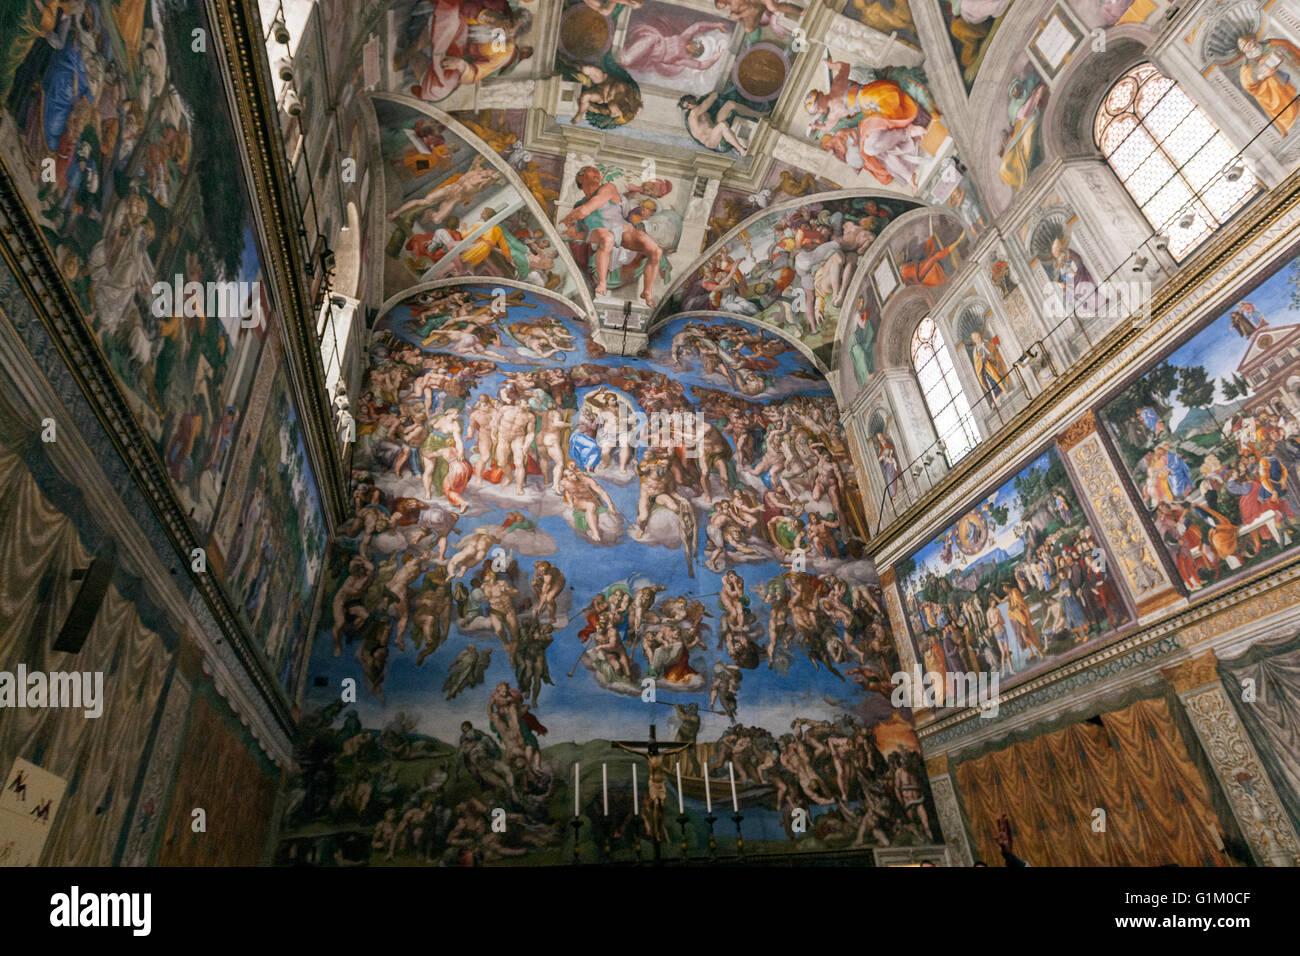 Le Plafond De La Chapelle Sixtine Peinte Par Michel Ange Le